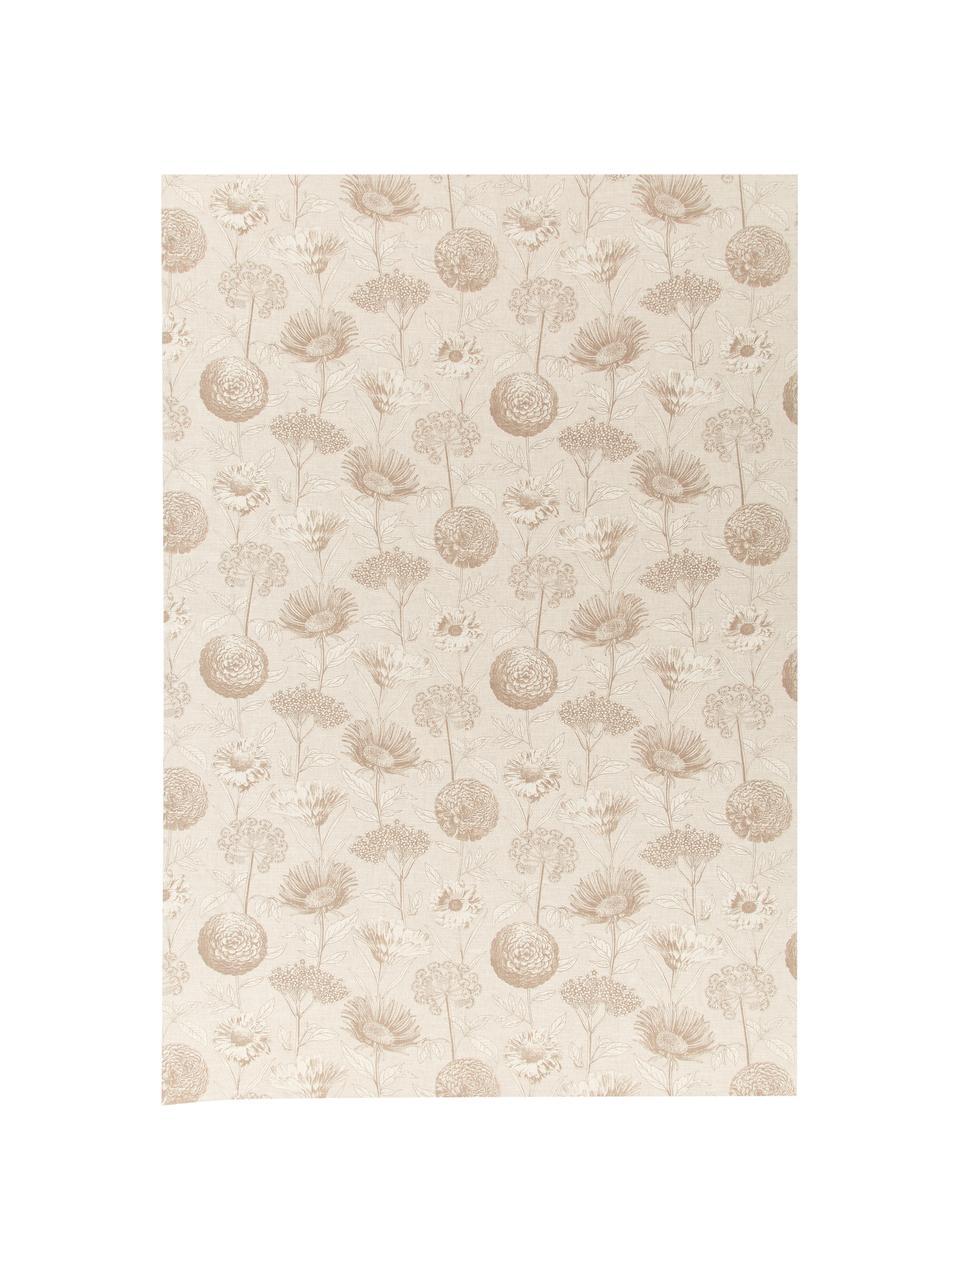 Obrus z bawełny Freya, 86% bawełna, 14% len, Beżowy, brązowy, Dla 4-6 osób (S 145 x D 200 cm)